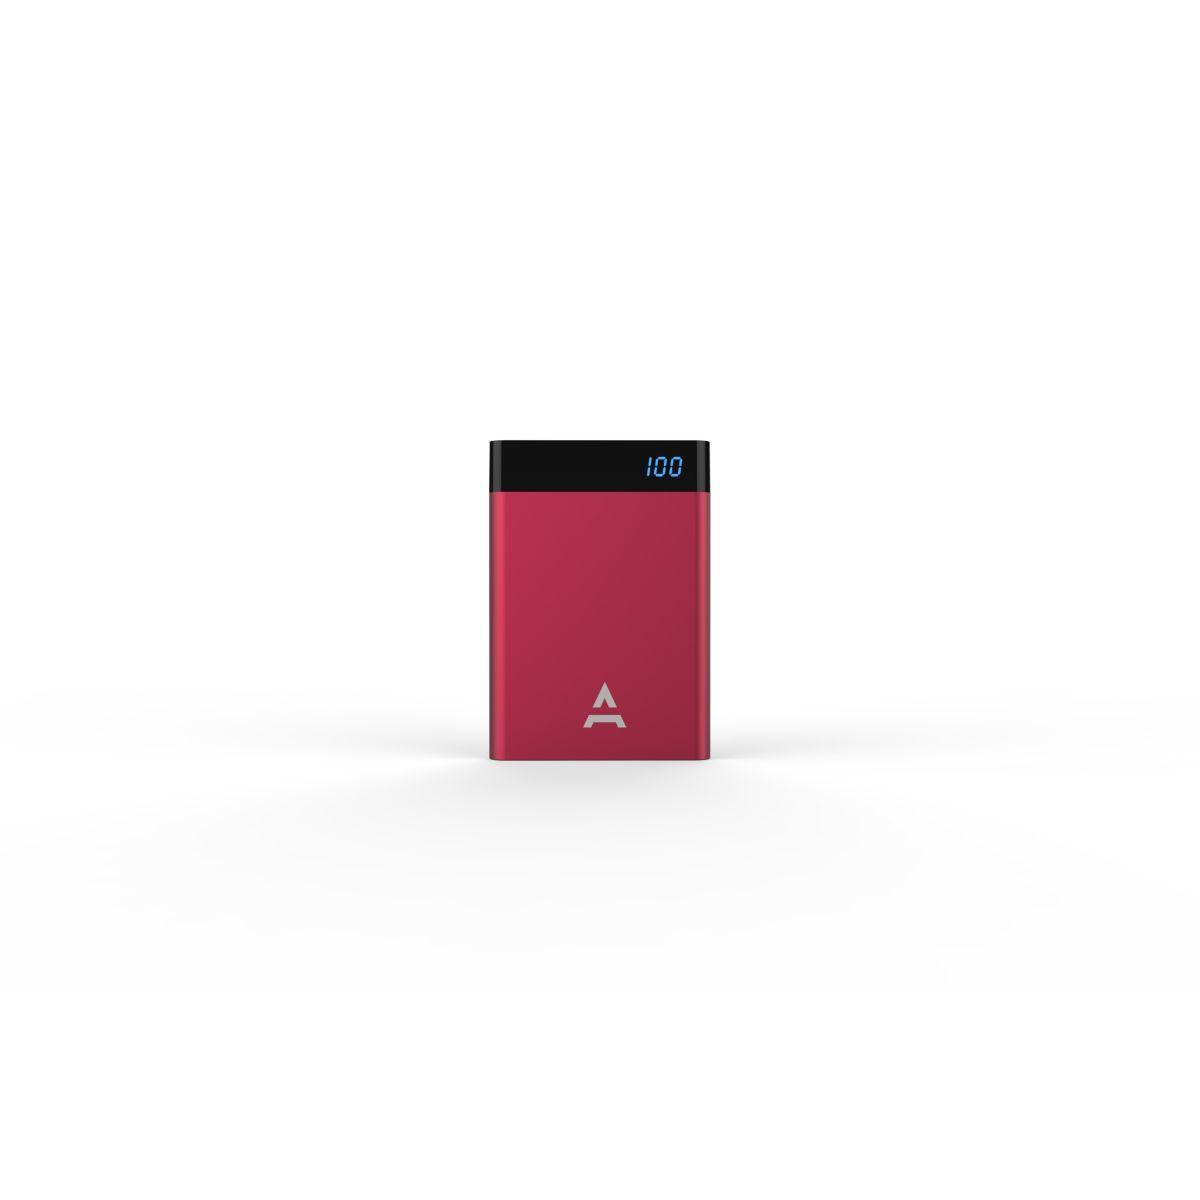 Batterie externe adeqwat 4000 mah bordeau (photo)